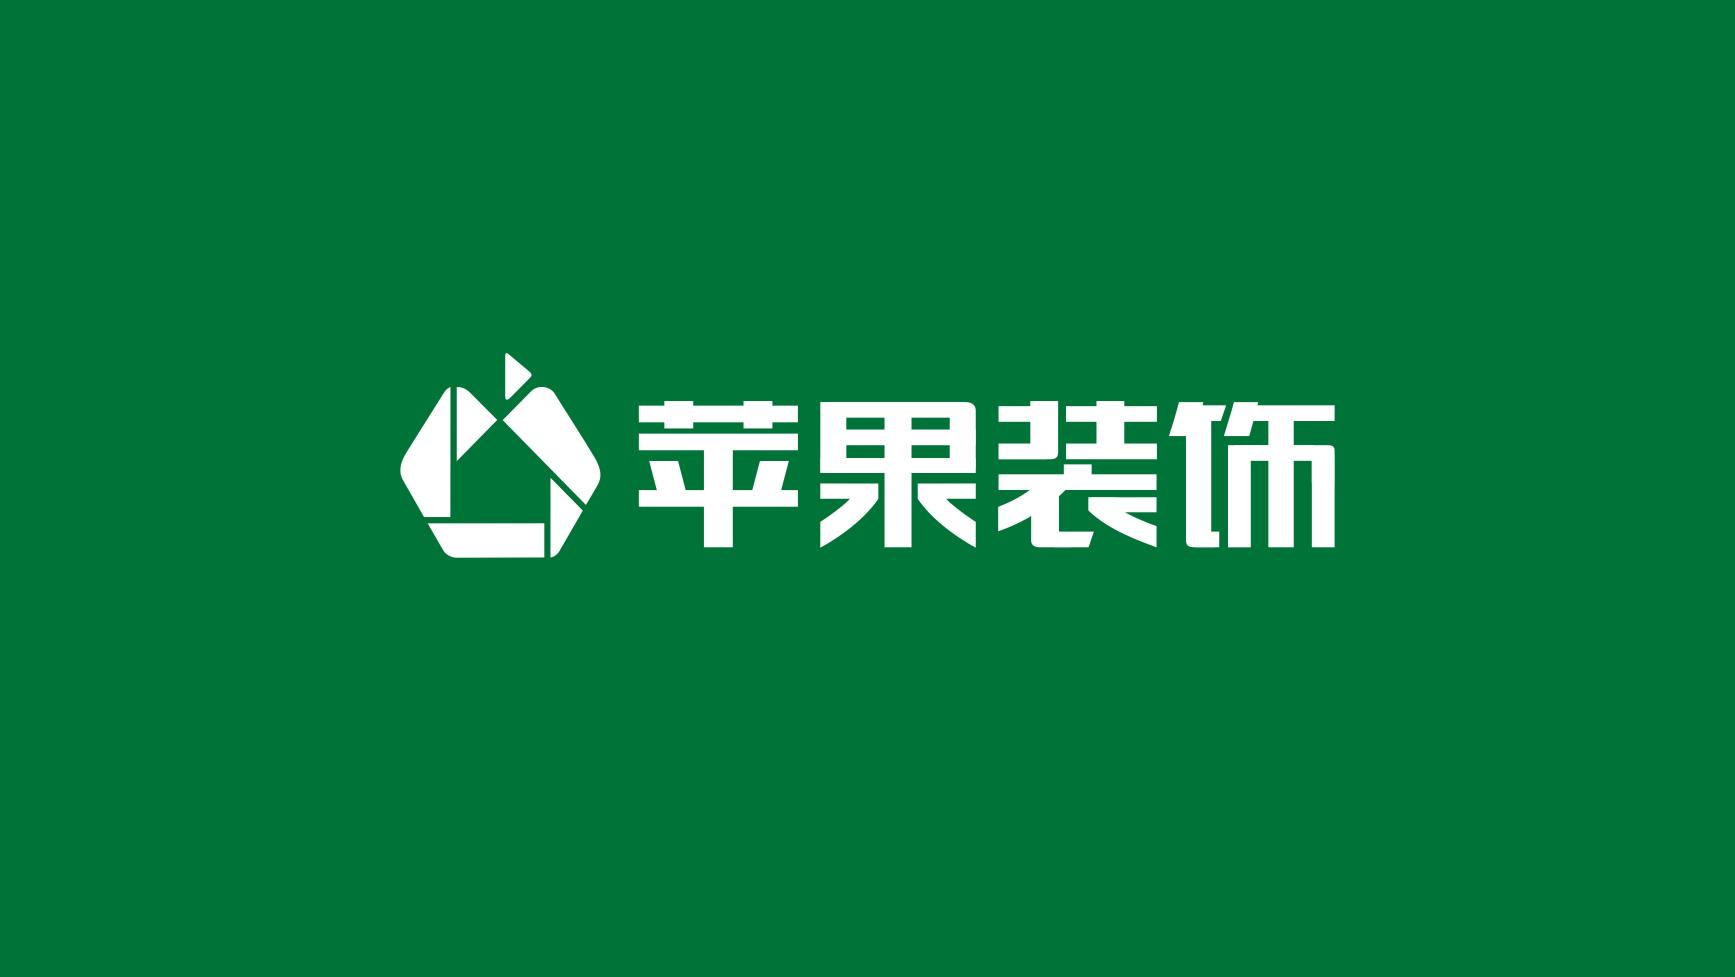 深圳苹果装饰设计工程有限公司  - 深圳装修公司